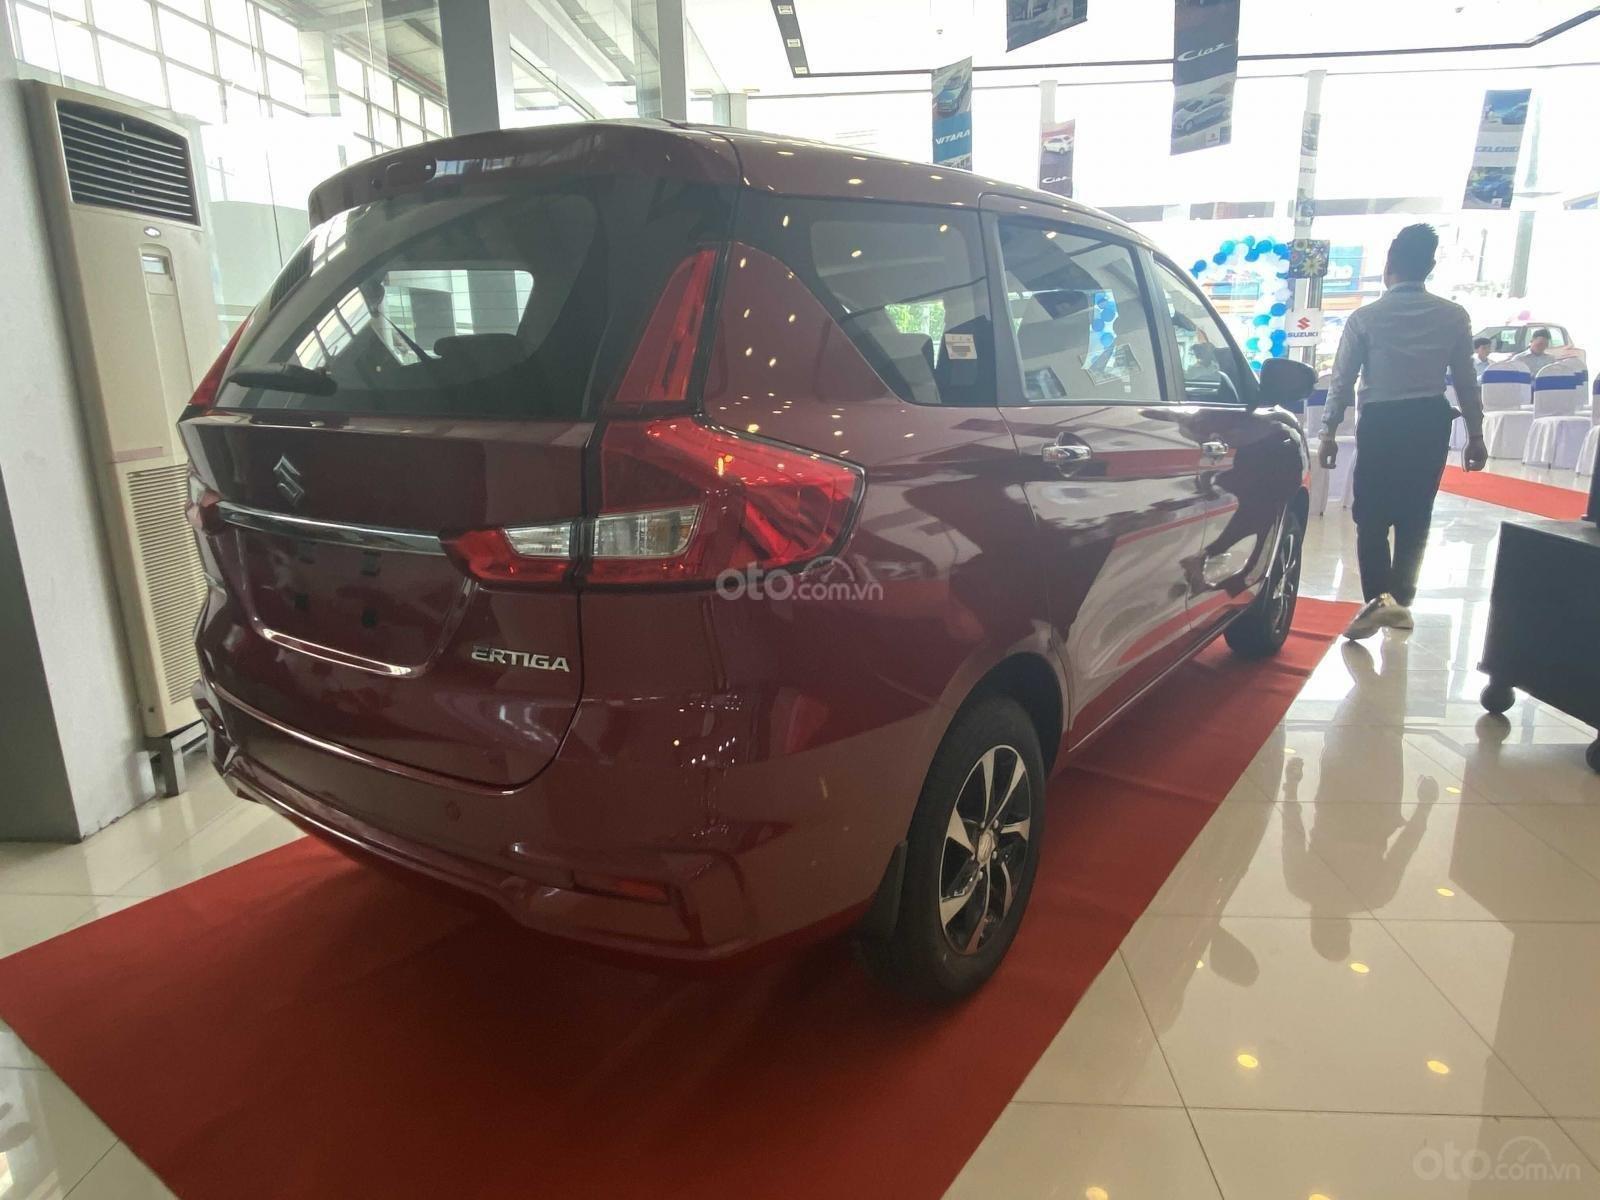 Suzuki Ertiga full option giá cực sốc, hỗ trợ trả góp cực cao, chỉ còn vài xe trả trước 100triệu có xe lăn bánh (5)